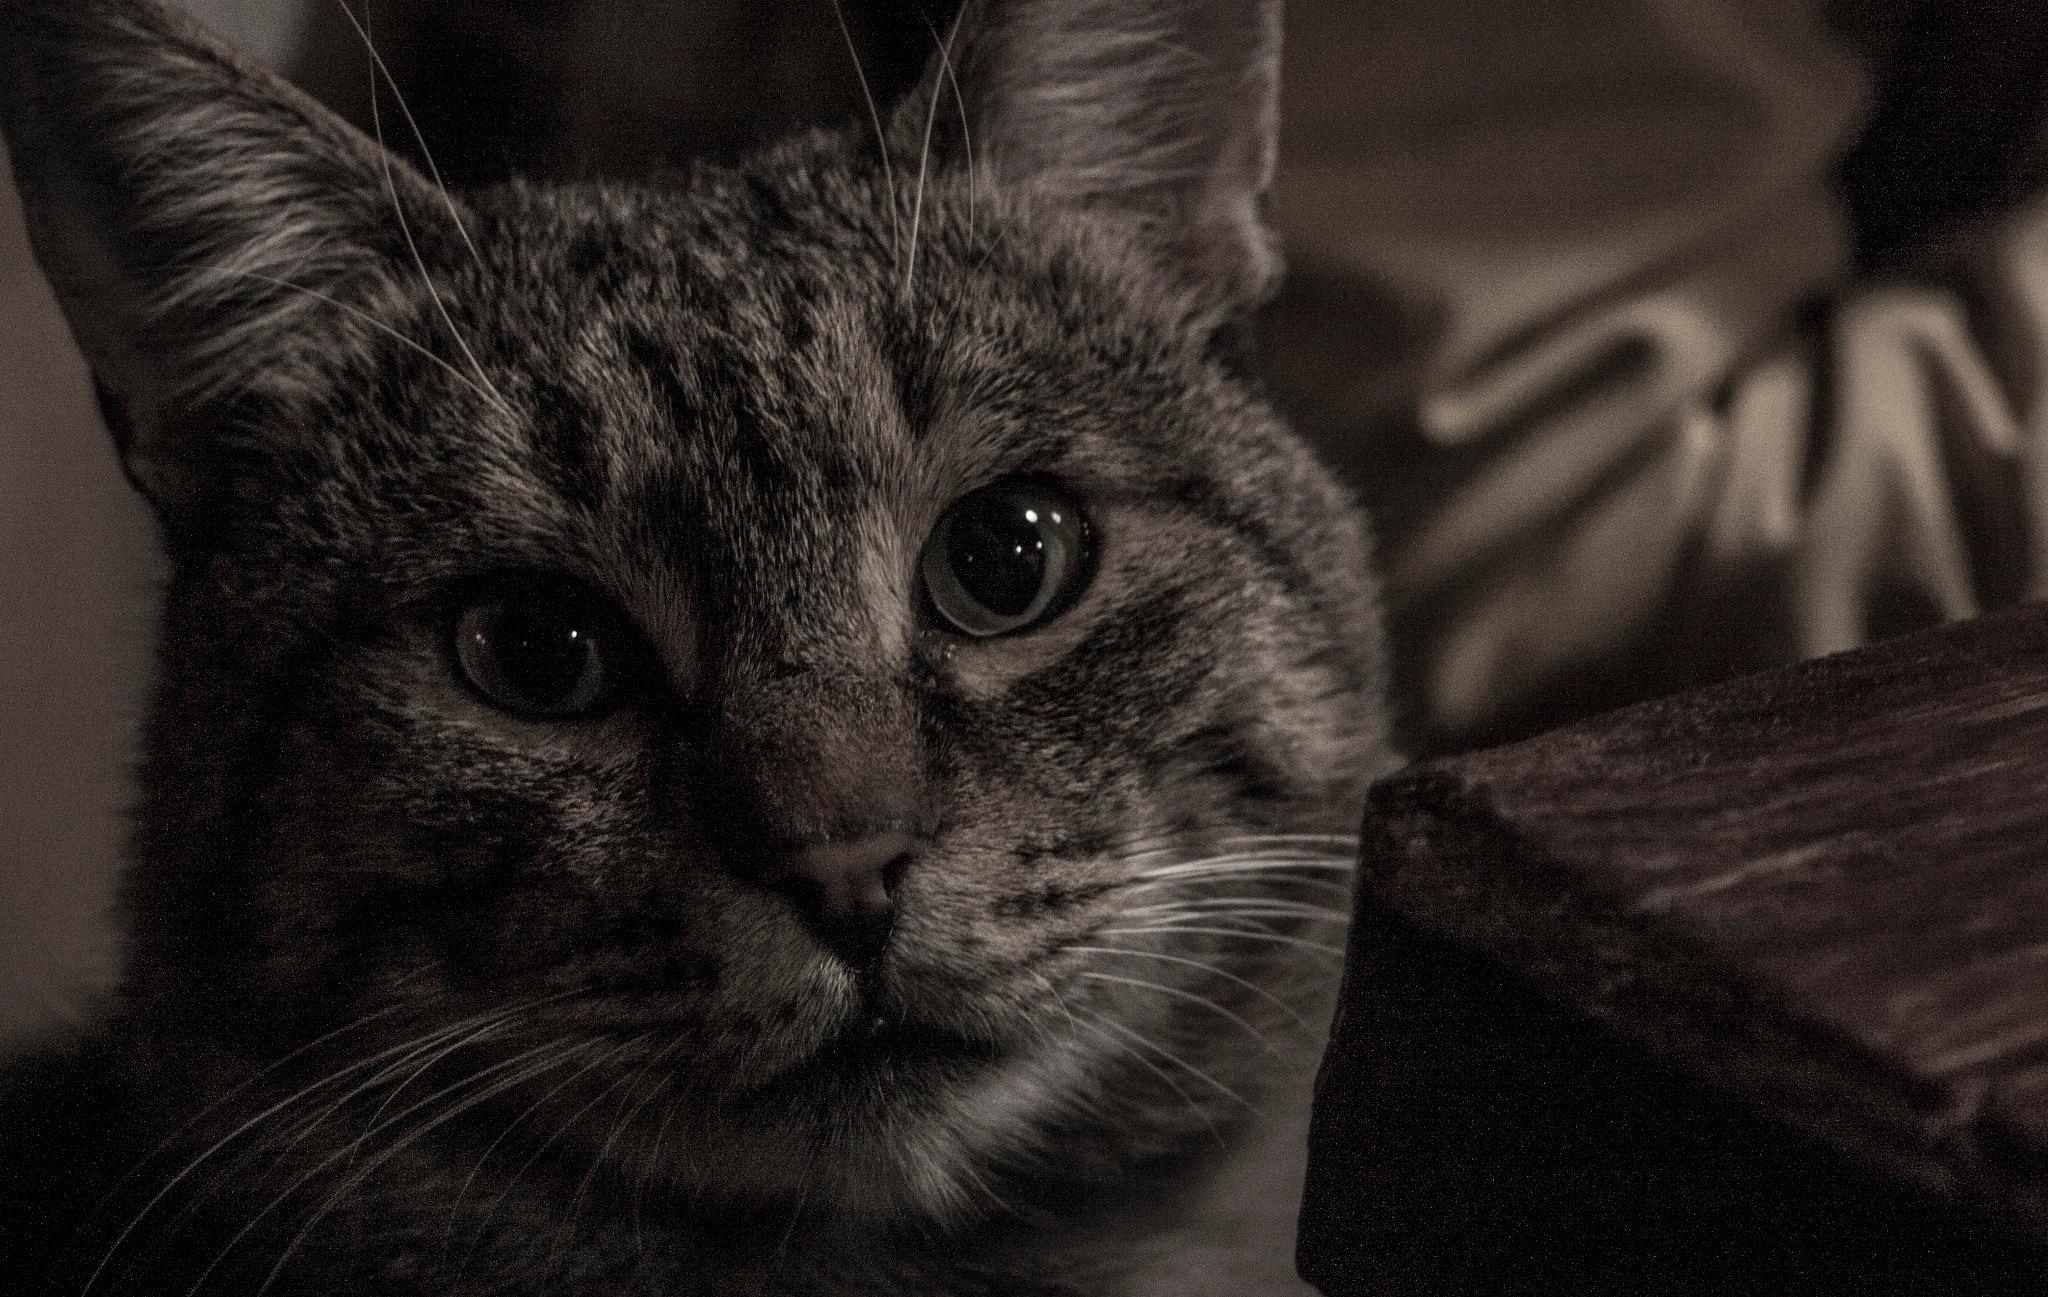 Heavy cat life by egorsha